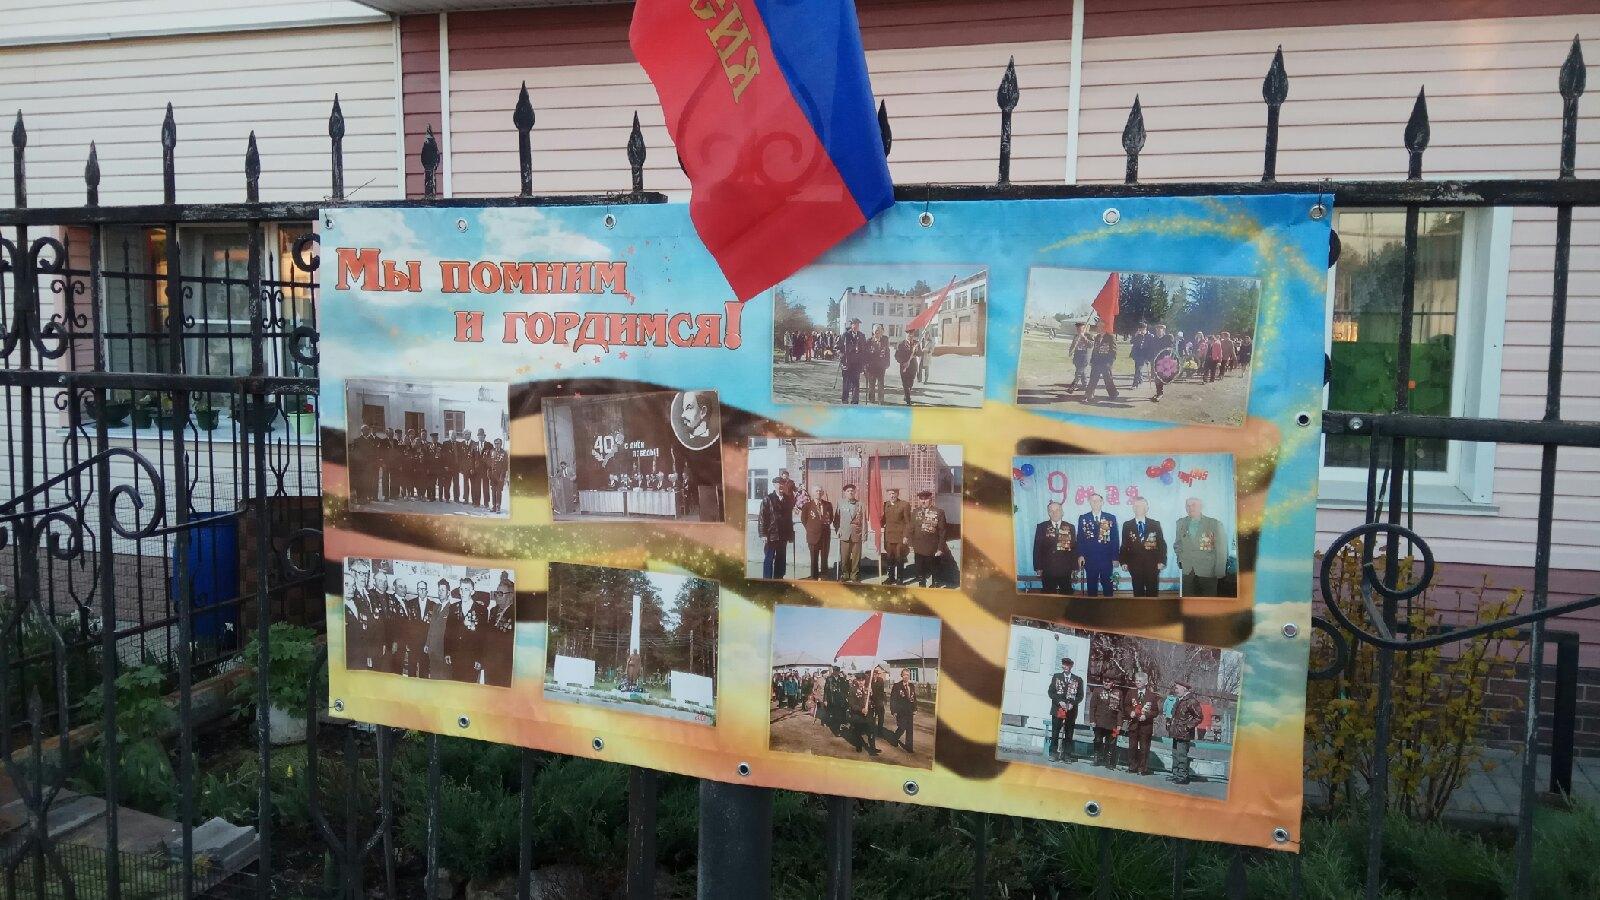 Фото Бессмертный полк офлайн: новосибирцы придумали способ принять участие в традиционной акции на День Победы 3